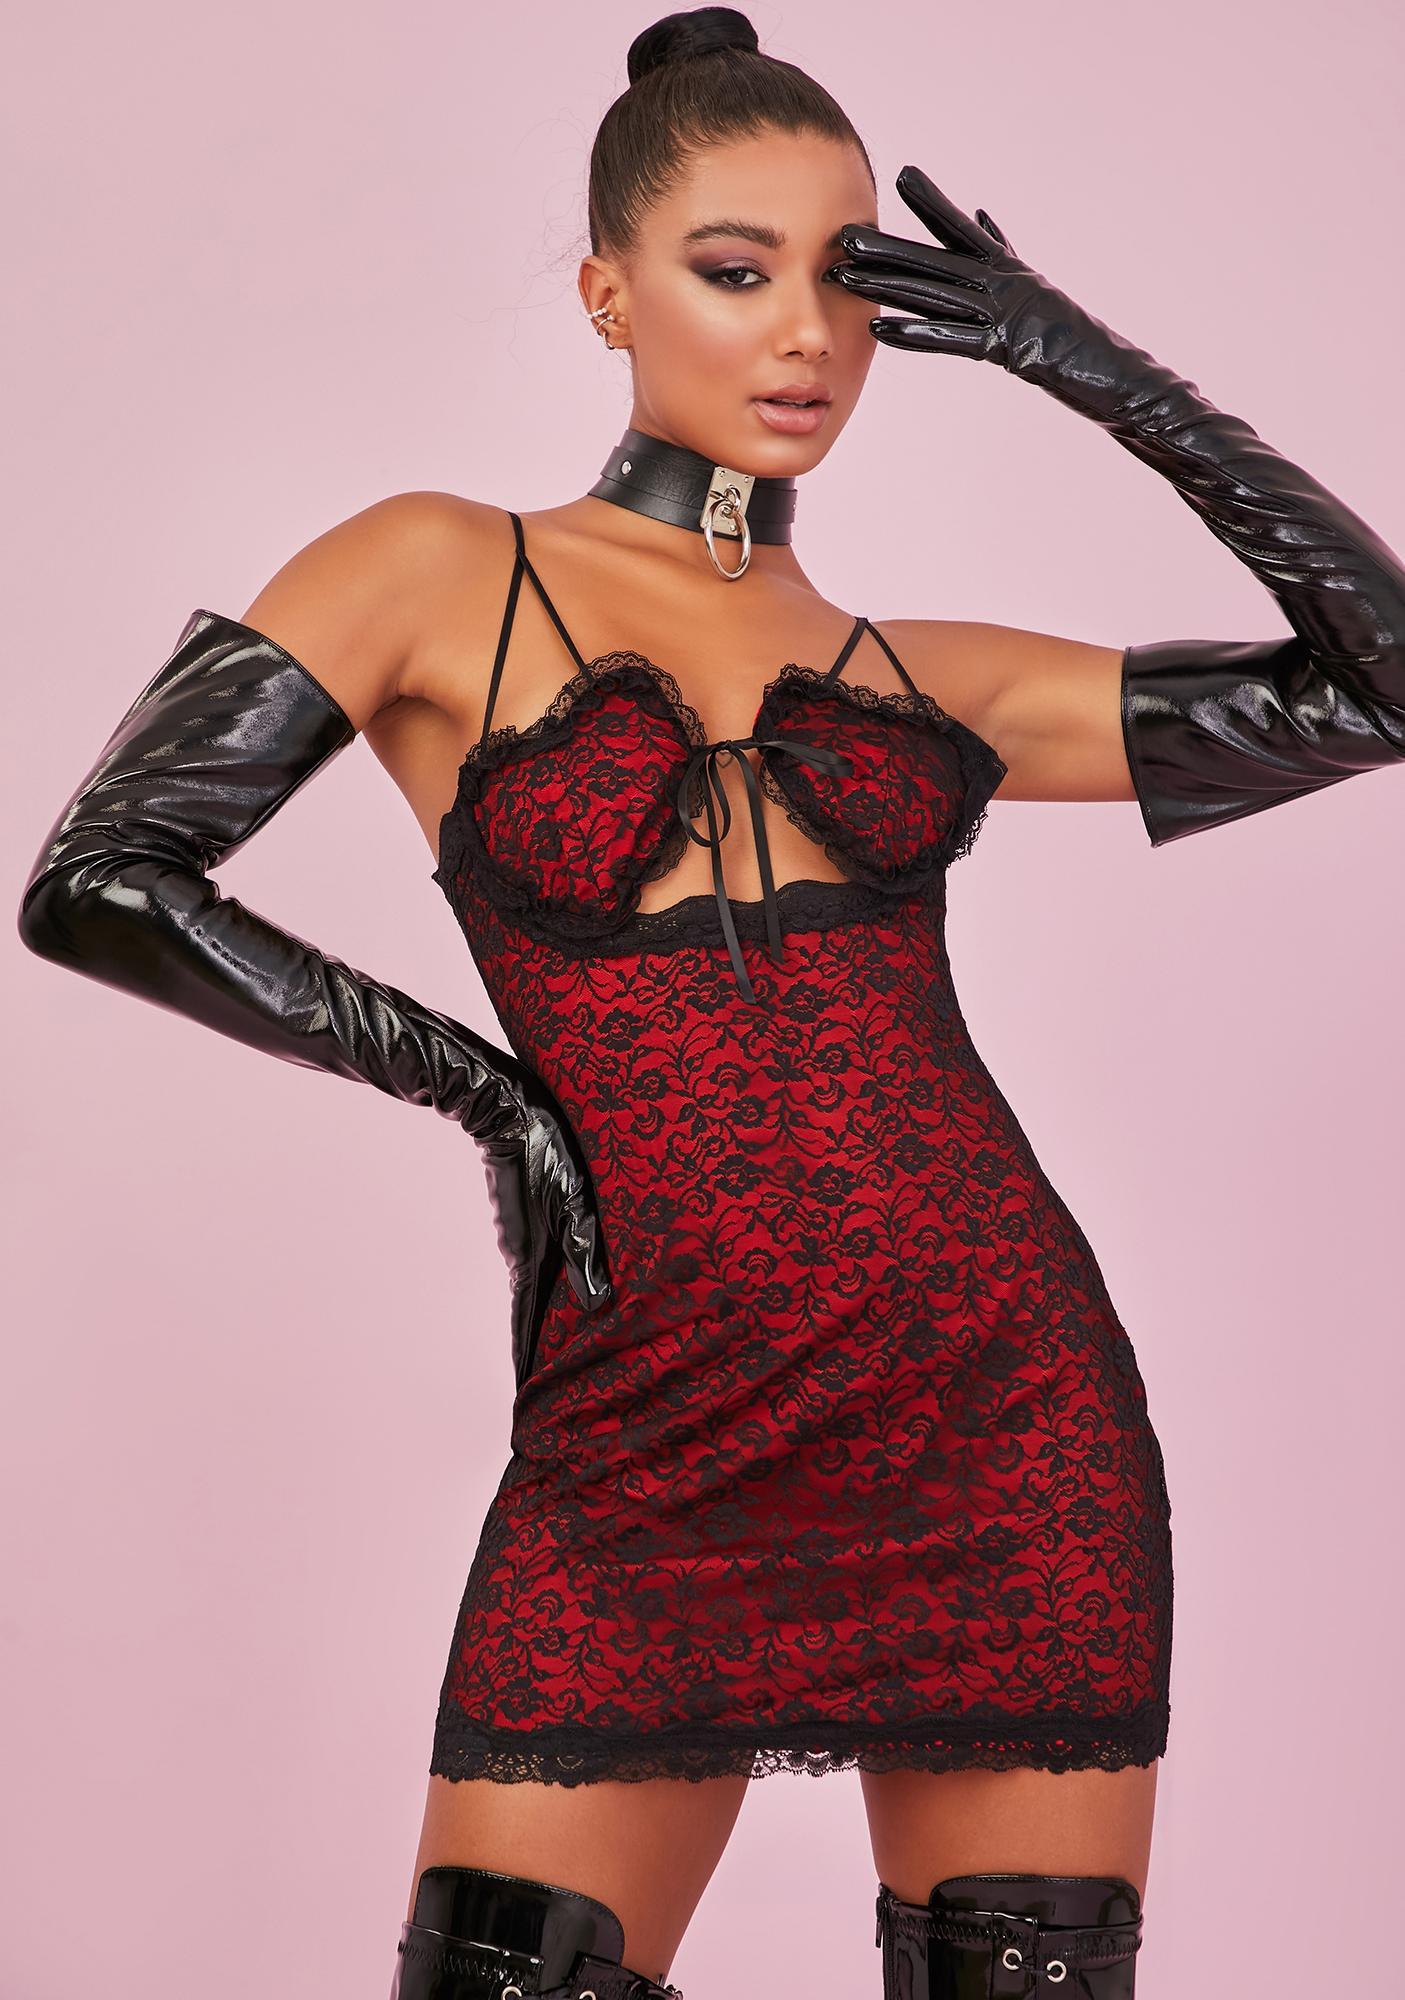 Sugar Thrillz Love In Command Lace Mini Dress